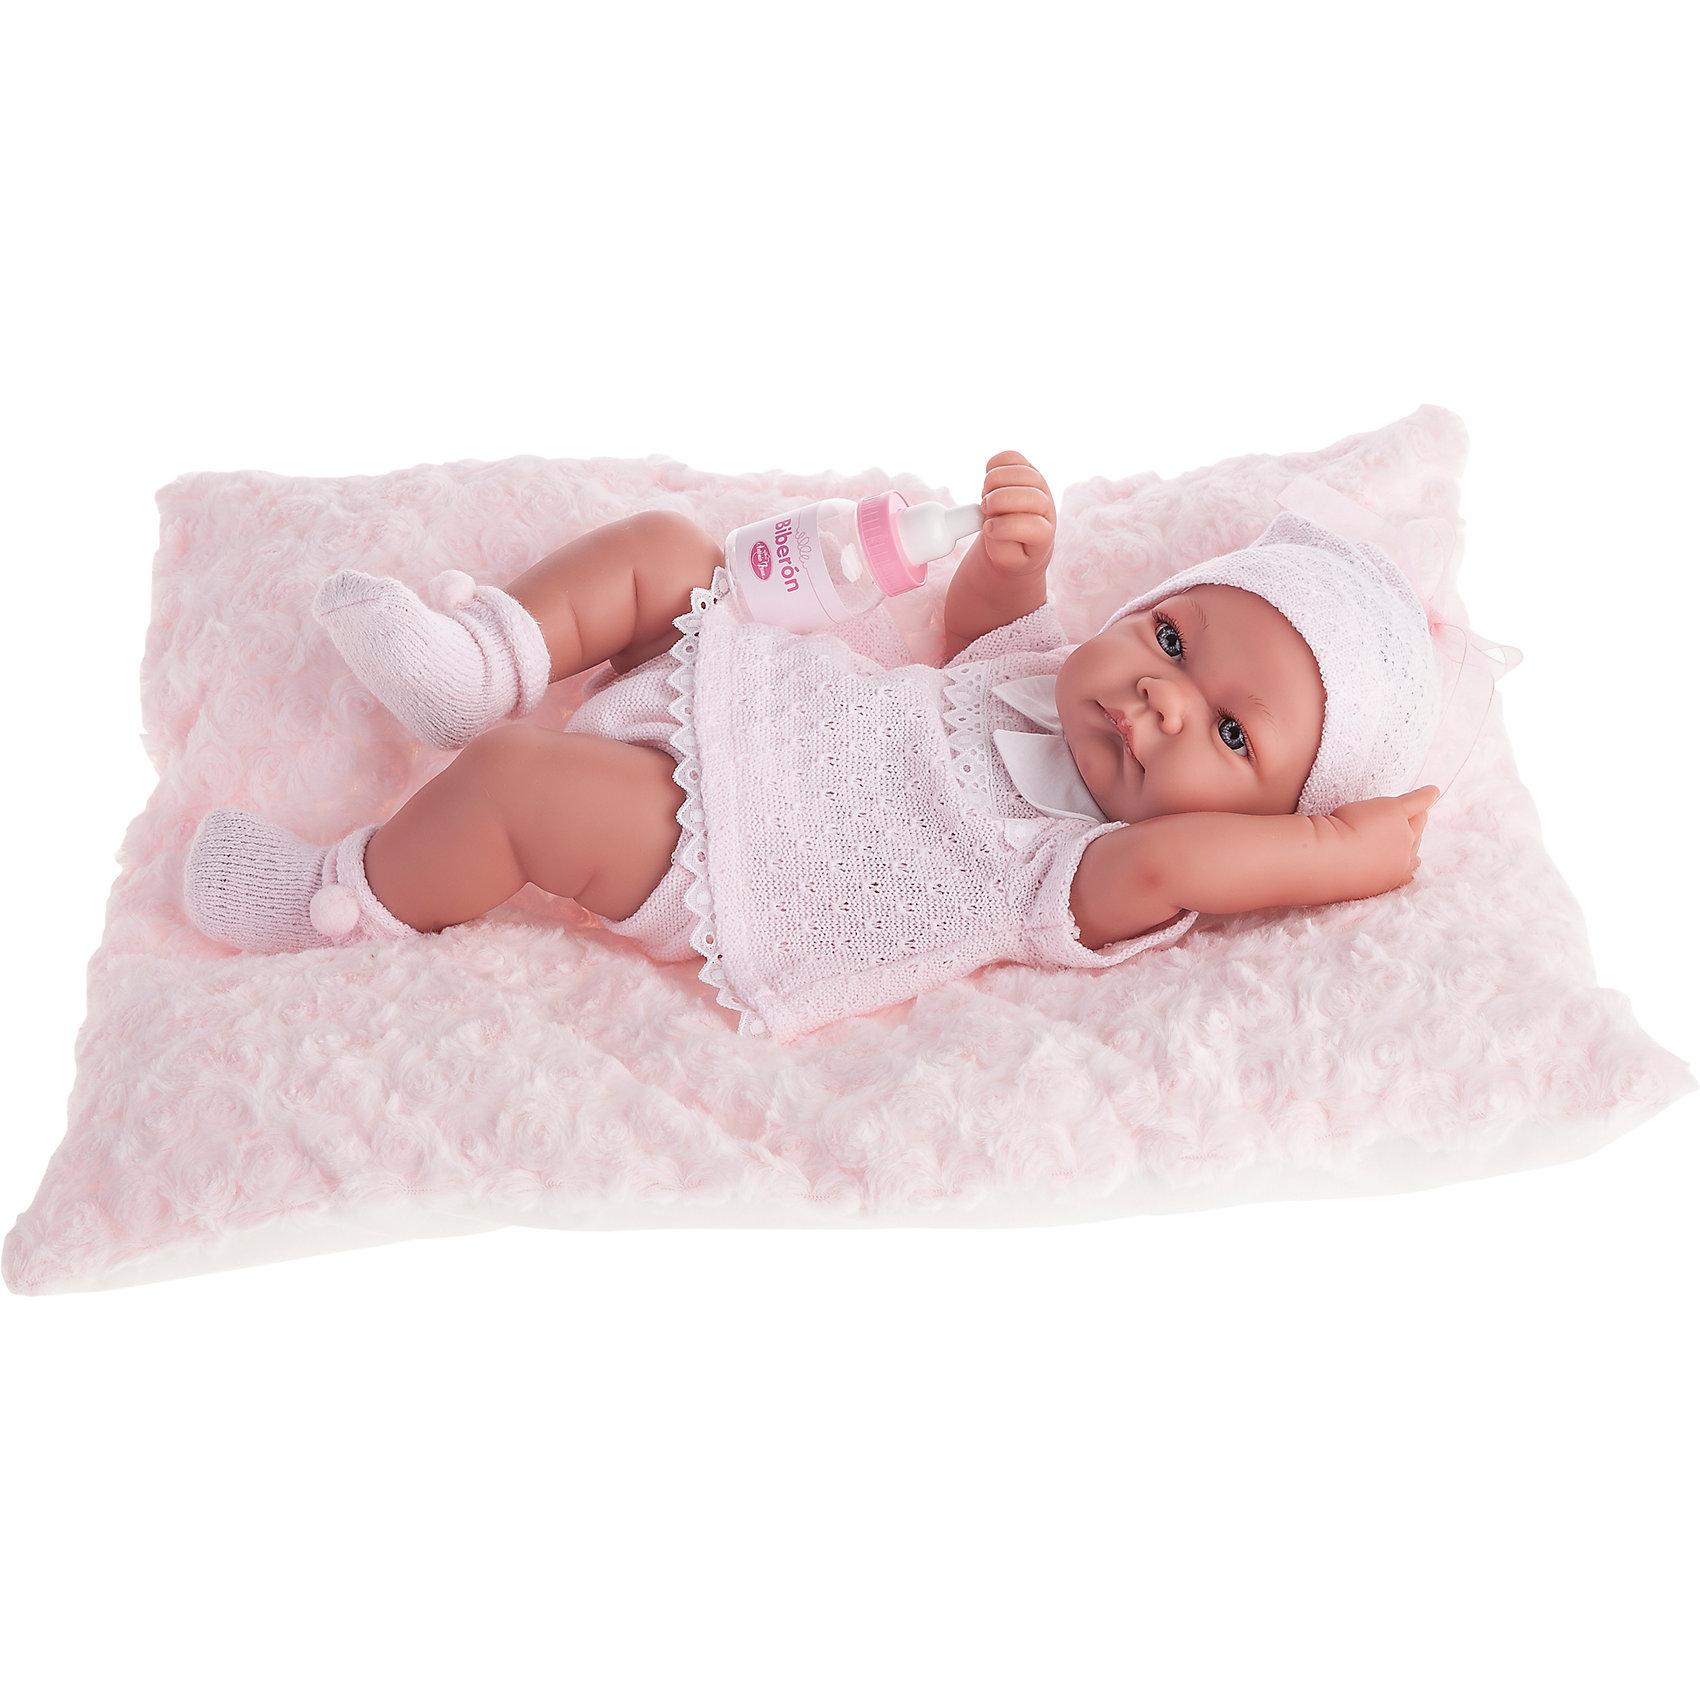 Кукла-младенец Ника в розовом, 42 см, Munecas Antonio JuanКлассические куклы<br>Кукла-младенец Ника в розовом, 42 см, Munecas Antonio Juan (Мунекас от Антонио Хуан) ? это очаровательный малыш от всемирно известного испанского бренда Мунекас от Антонио Хуан, который знаменит своими реалистичными куклами. Кукла изготовлена из винила высшего качества, ручки и ножки подвижны, голова поворачивается в стороны, глазки не закрываются. <br>Нежные черты лица, розовые щечки, пухленькие губки, курносый носик.  <br>Кукла-младенец Ника в розовом, 42 см, Munecas Antonio Juan (Мунекас от Антонио Хуан) разработана с учетом анатомических особенностей и мимики младенцев. Играя с пупсом, ваш ребенок реалистично проживает роль «мамы», учится ухаживать за малышом, заботиться о нем.<br>У малыша Нико стильный наряд: розовое платьице, белые носочки и  шапочка.<br>Куклы JUAN ANTONIO munecas (Мунекас от Антонио Хуан) ? мечта девочки любого возраста!<br><br>Дополнительная информация:<br><br>- Вид игр: сюжетно-ролевые игры <br>- Материал: винил, текстиль<br>- Комплектация: кукла, бутылочка, мягкая подушечка<br>- Высота куклы: 42 см<br>- Вес: 3 кг 750 г<br>- Особенности ухода: одежда ? ручная стирка, куклу можно купать <br><br>Подробнее:<br><br>• Для детей в возрасте: от 3 лет и до 6 лет<br>• Страна производитель: Испания<br>• Торговый бренд: JUAN ANTONIO munecas <br><br>Кукла-младенец Ника в розовом, 42 см, Munecas Antonio Juan (Мунекас от Антонио Хуан) (Мунекас от Антонио Хуан) можно купить в нашем интернет-магазине.<br><br>Ширина мм: 505<br>Глубина мм: 265<br>Высота мм: 160<br>Вес г: 3750<br>Возраст от месяцев: 36<br>Возраст до месяцев: 72<br>Пол: Женский<br>Возраст: Детский<br>SKU: 4792894